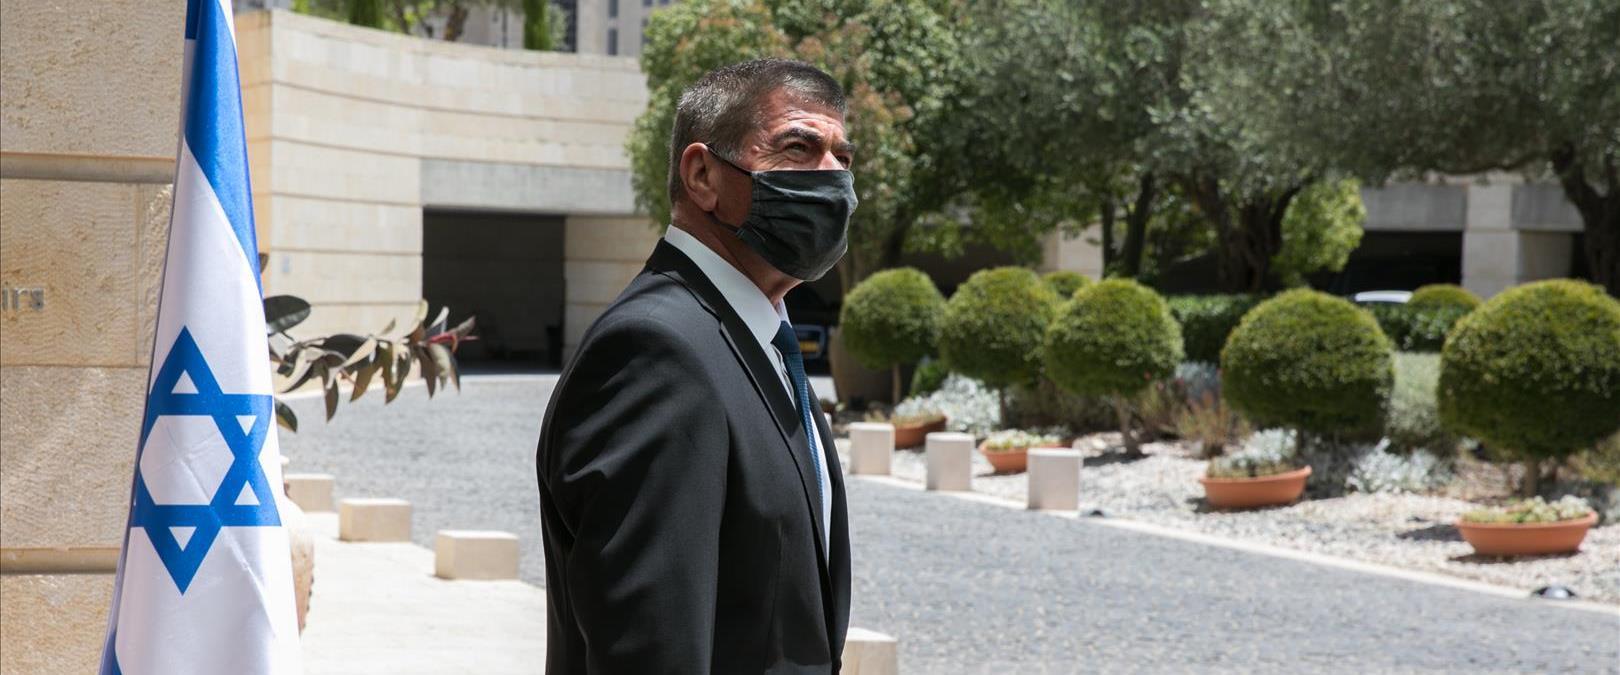 שר החוץ גבי אשכנזי, ארכיון